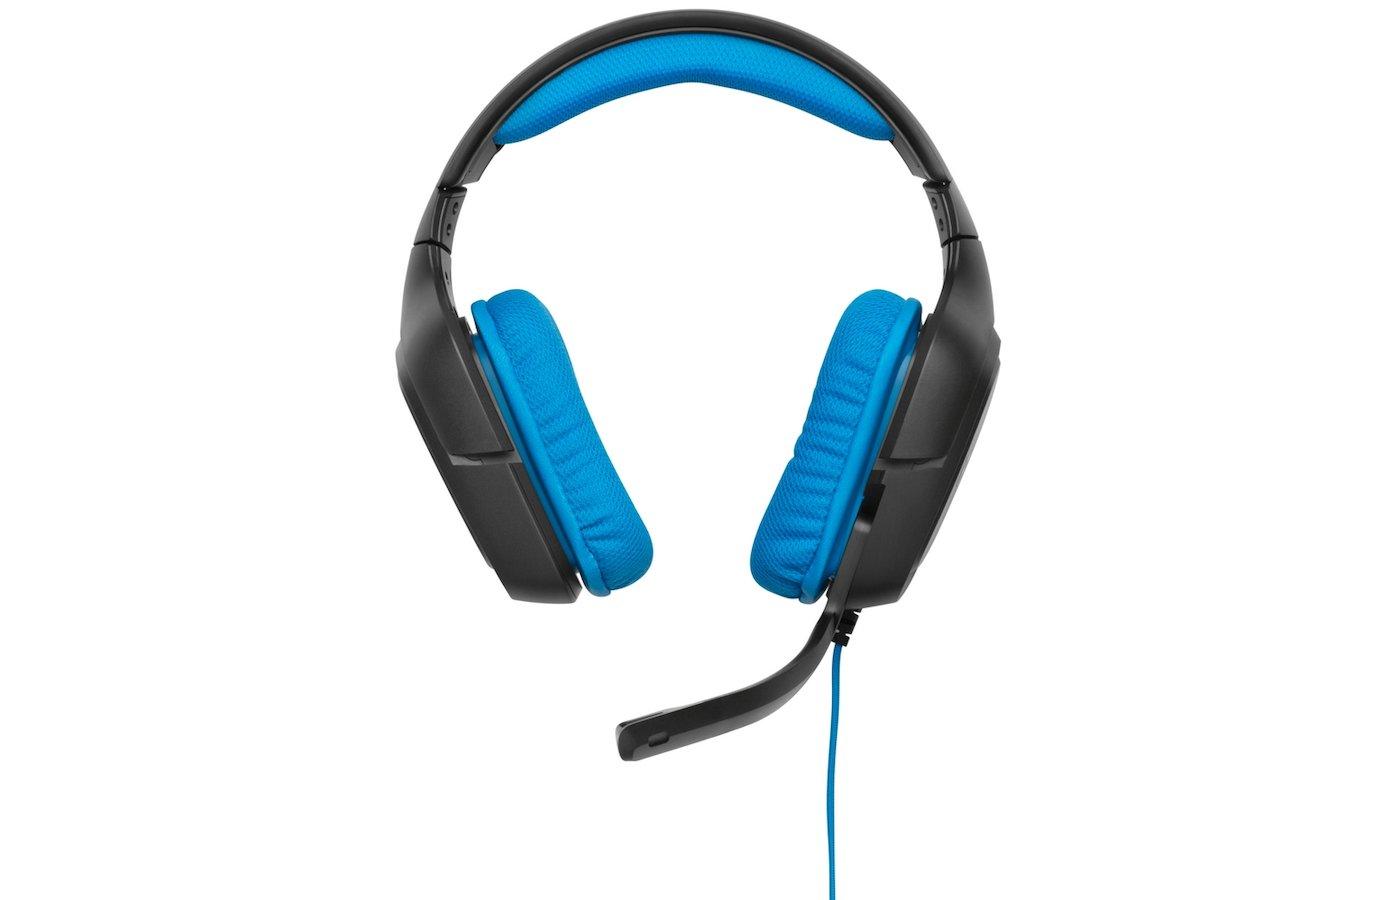 Игровые наушники проводные Logitech Headset G430 Gaming /LOG-981-000537/